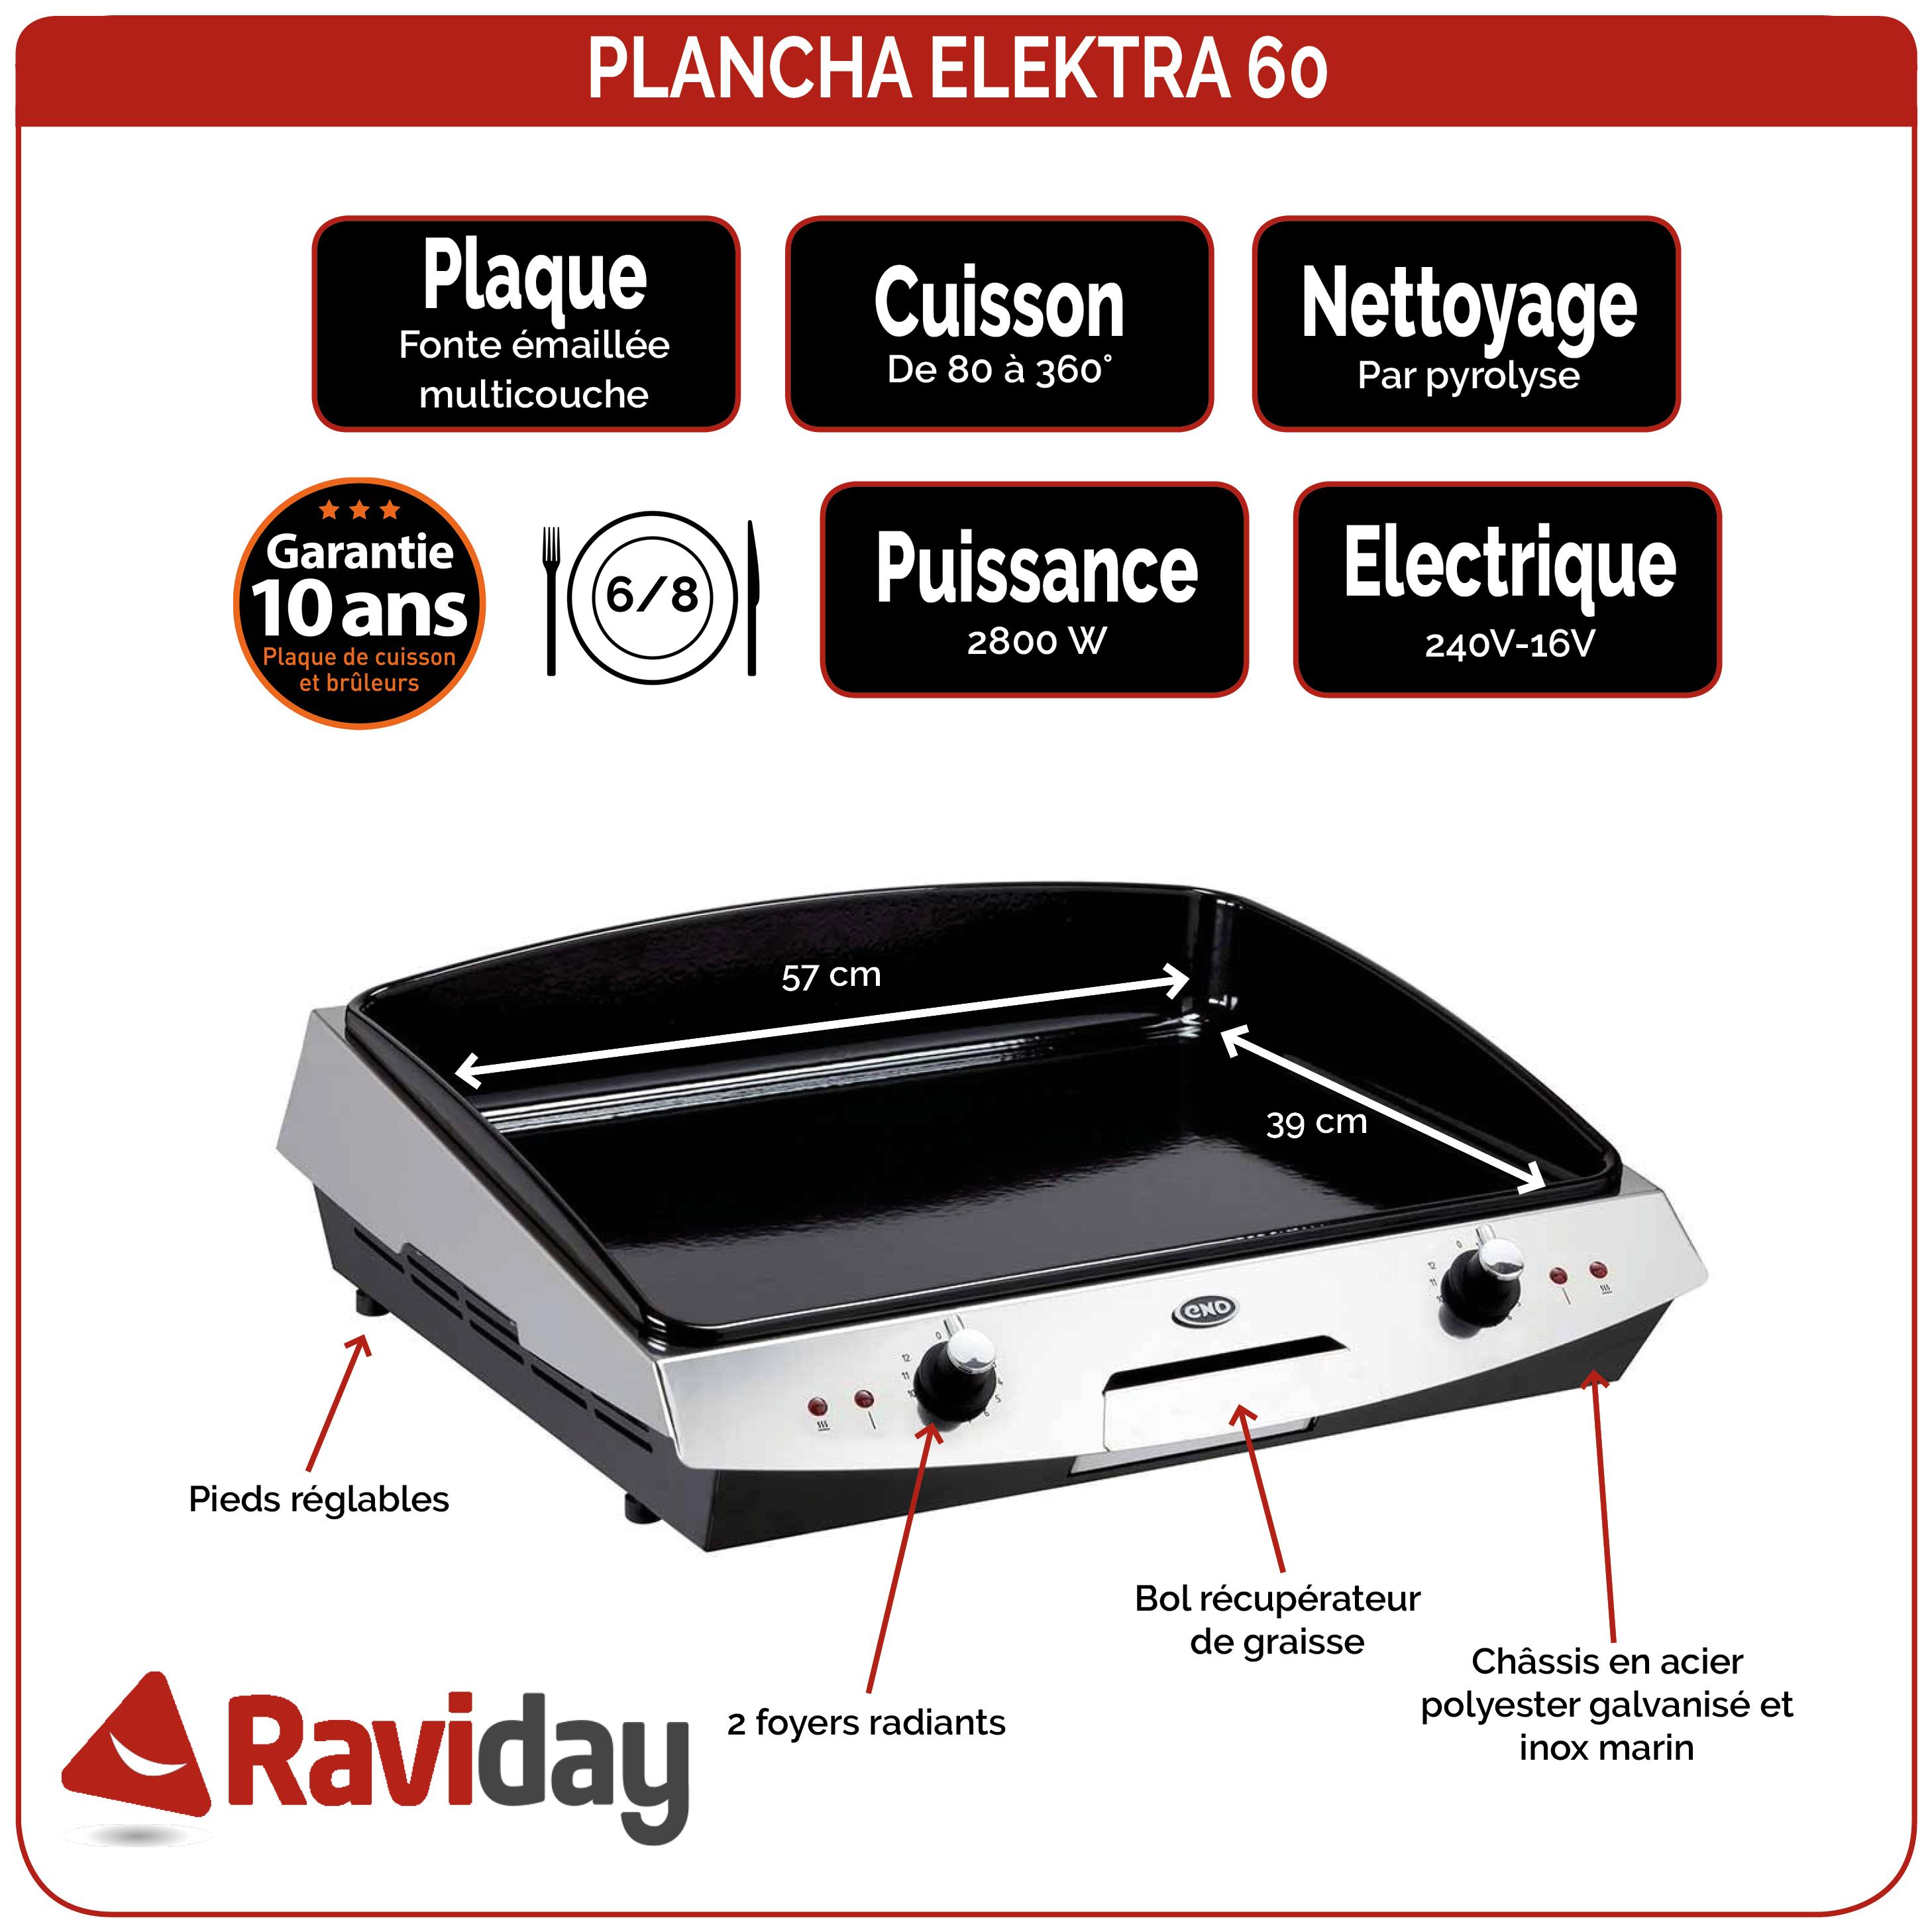 Raviday vous pr sente la gamme de planchas eno origine france - Plancha gaz haut de gamme ...